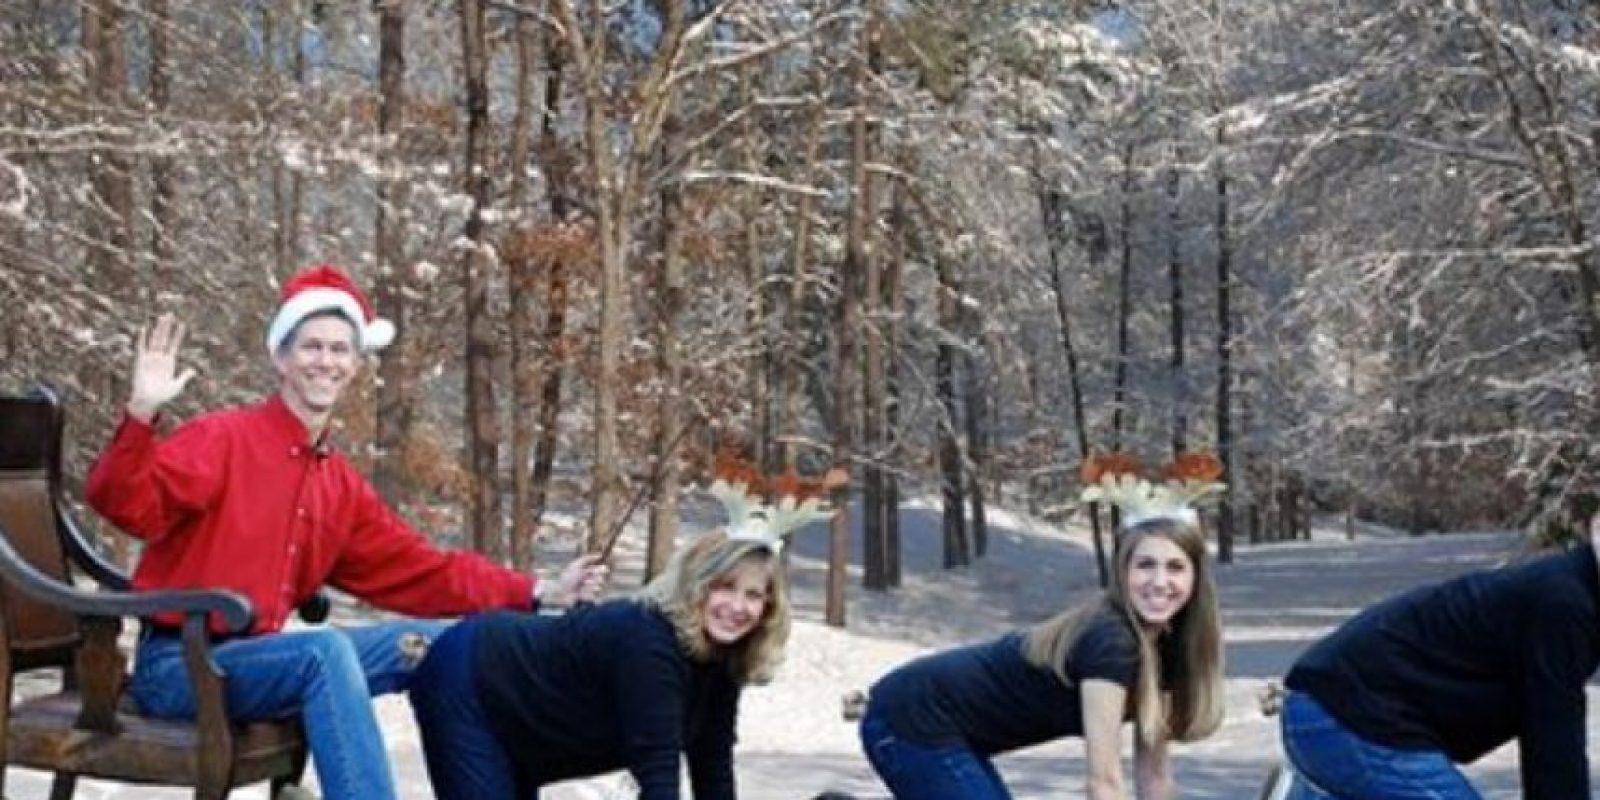 ¿Quién es el reno Rudolf? Foto:Awkward Family Photos